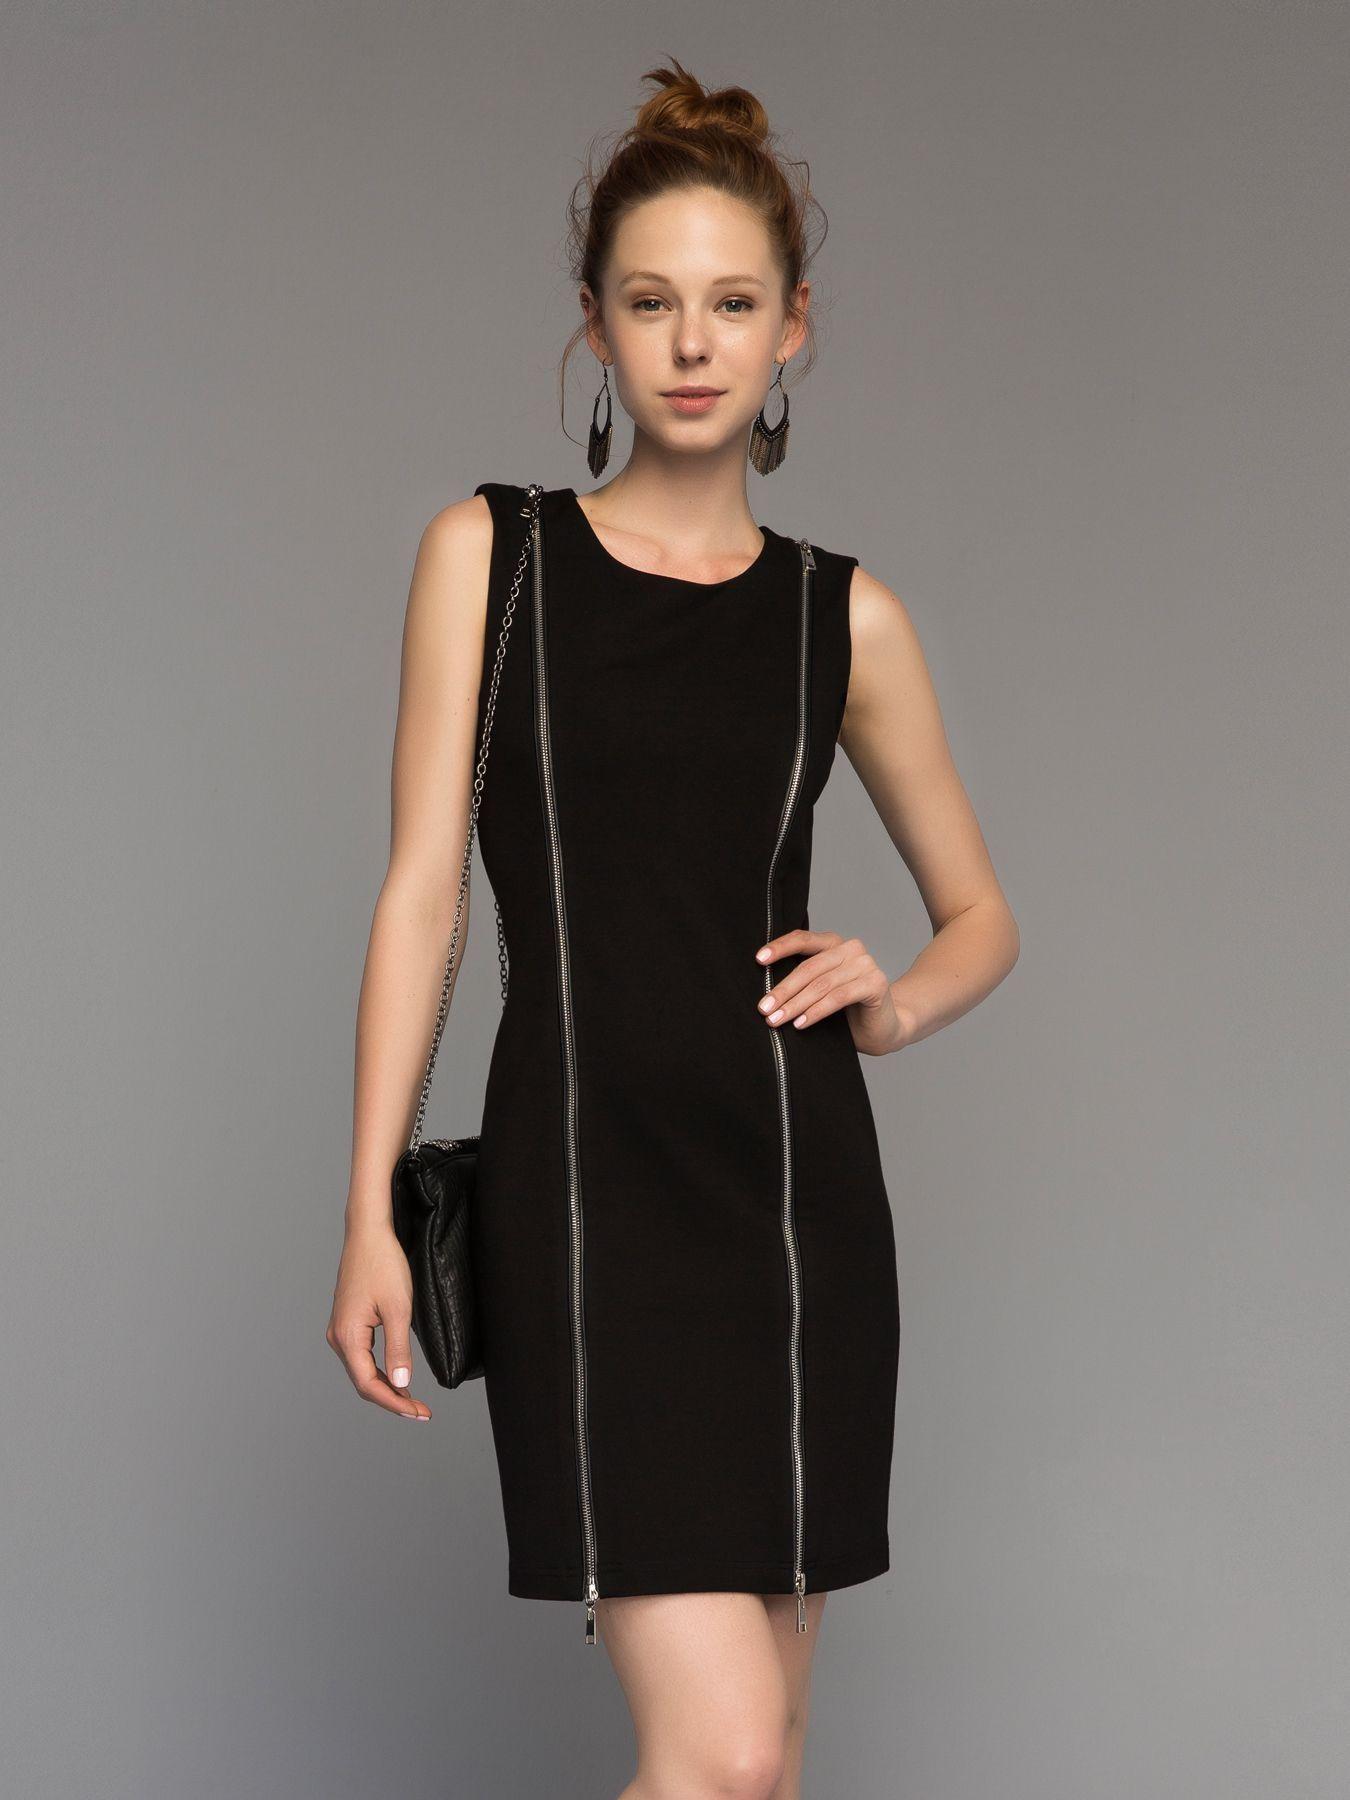 Modelleri ve elbise fiyatlar modasor com pictures to pin on pinterest -  St G Y M Er T Fermuarli Elb Se Twist